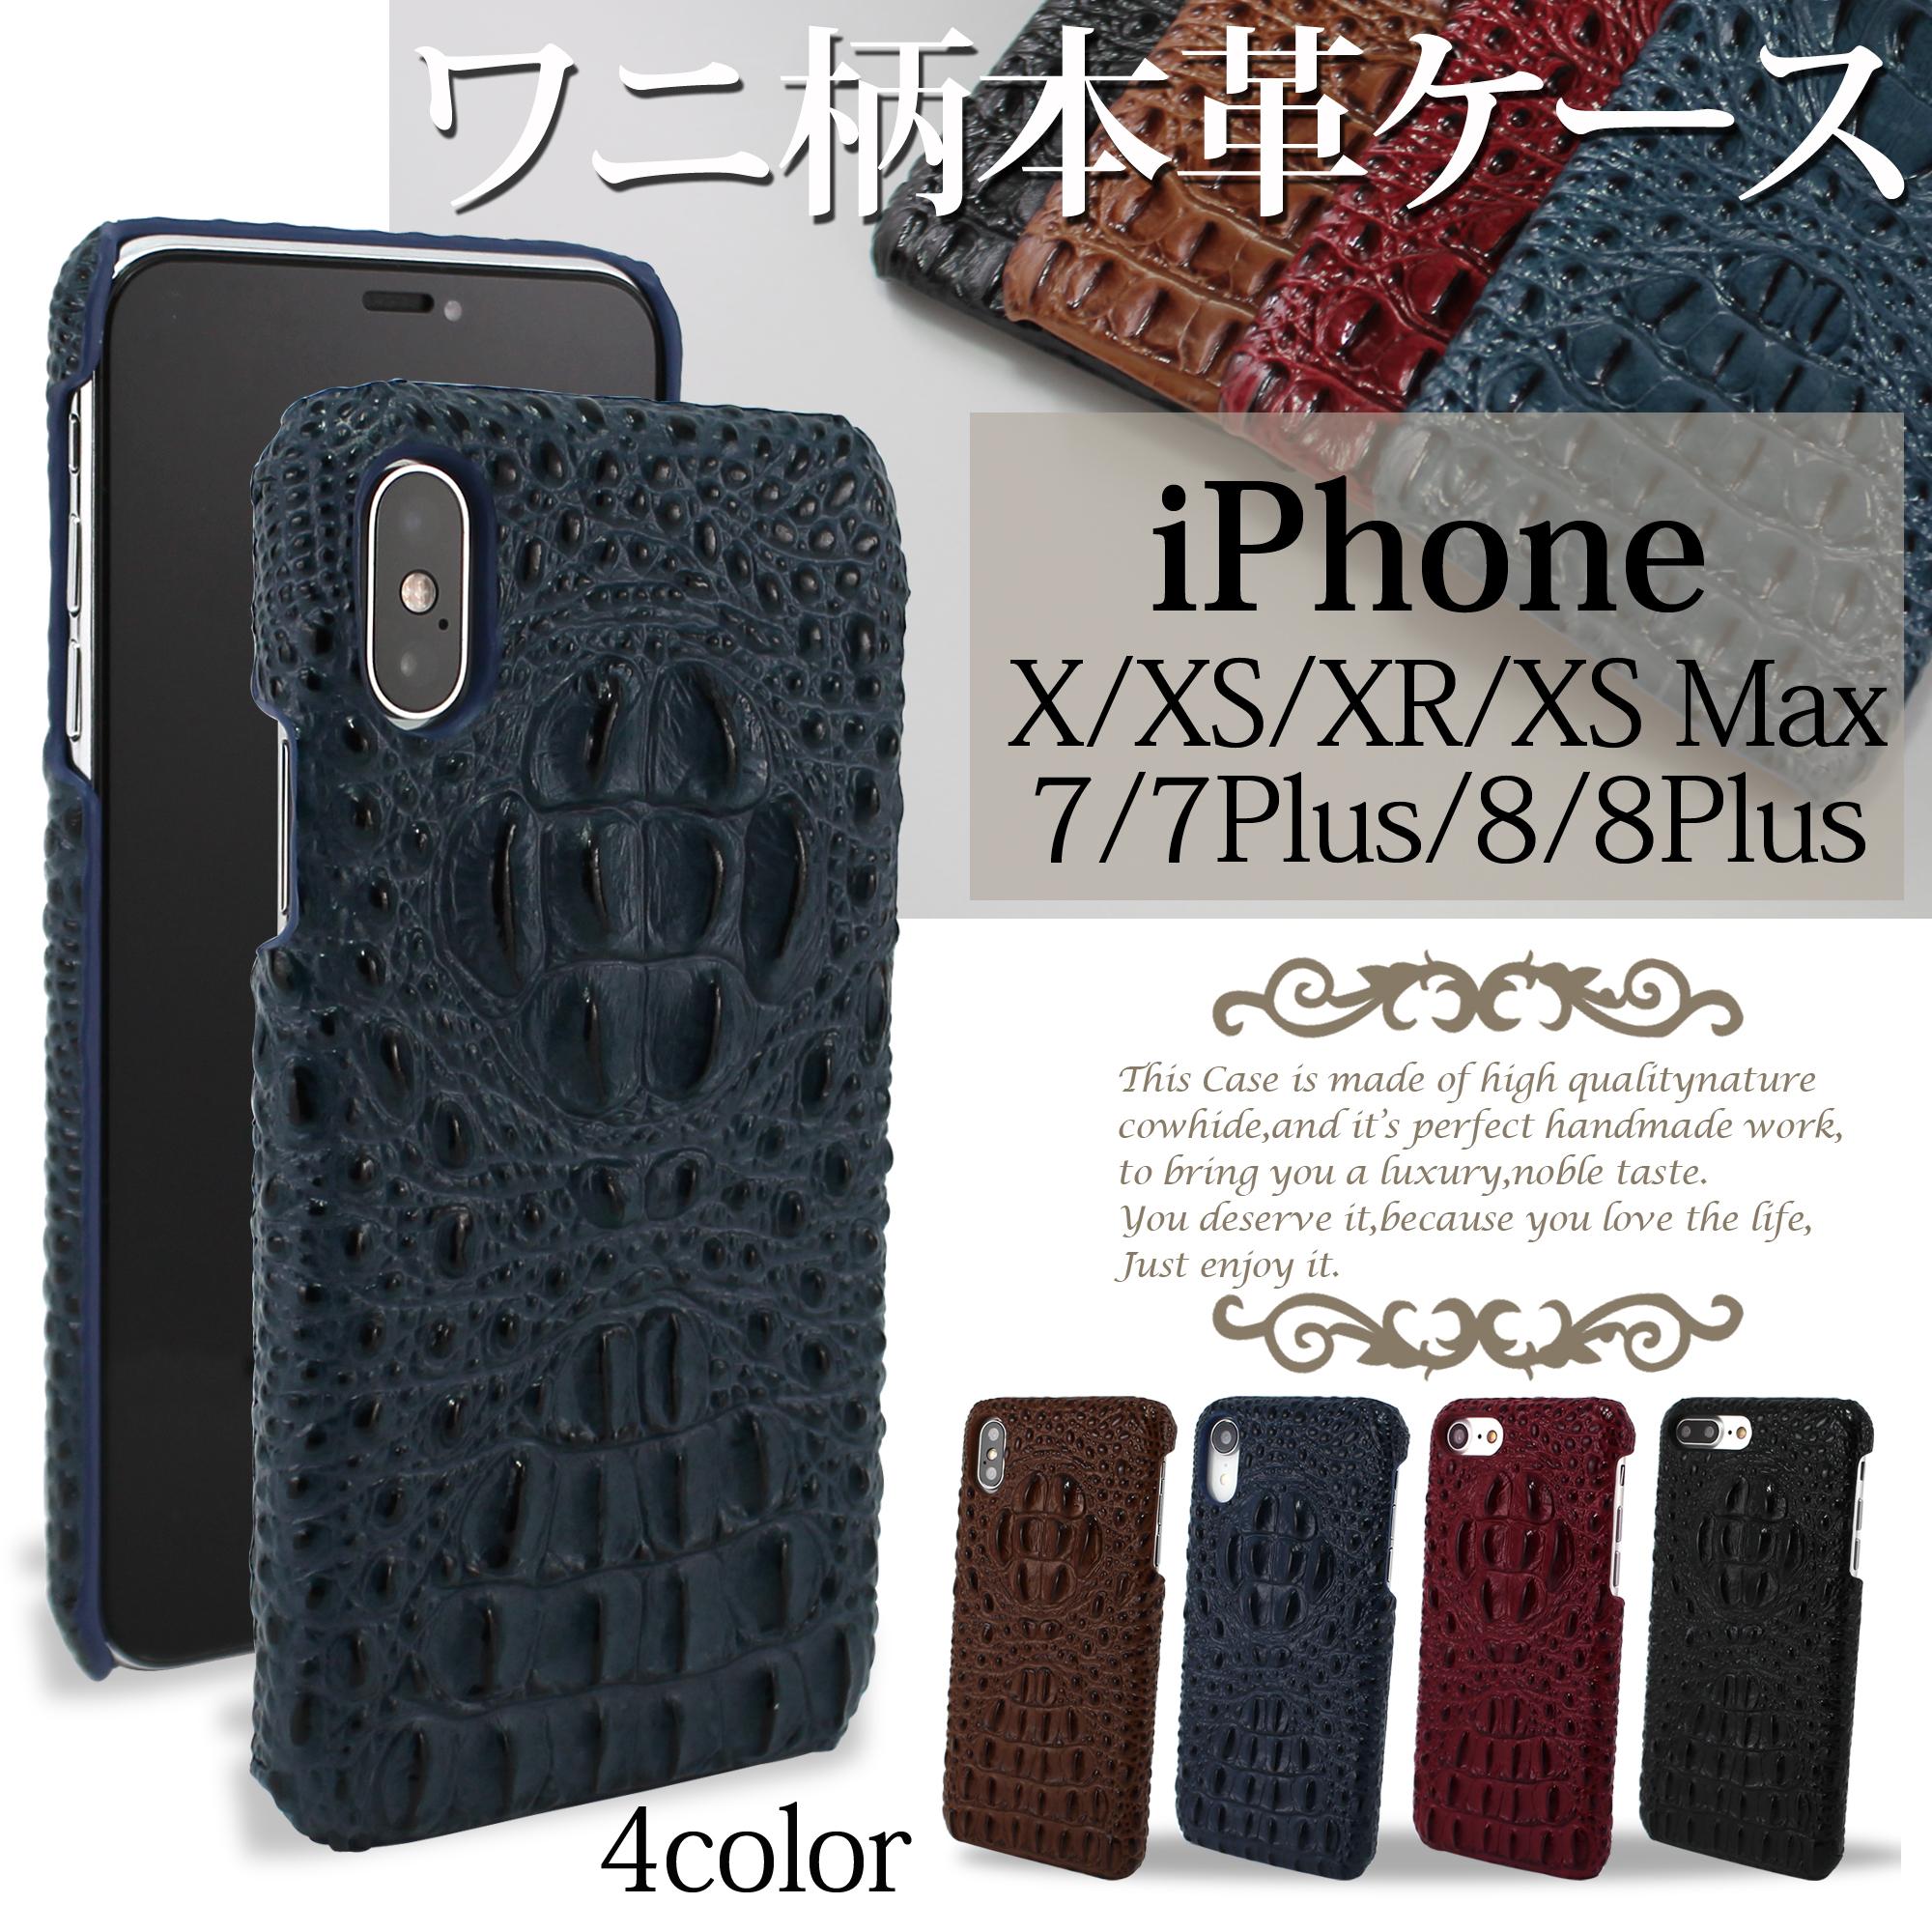 6270af97f8 【送料無料】 ワニ柄 本革 ケース iPhoneX iPhoneXS iPhoneXR iPhoneXS Max iPhone7/